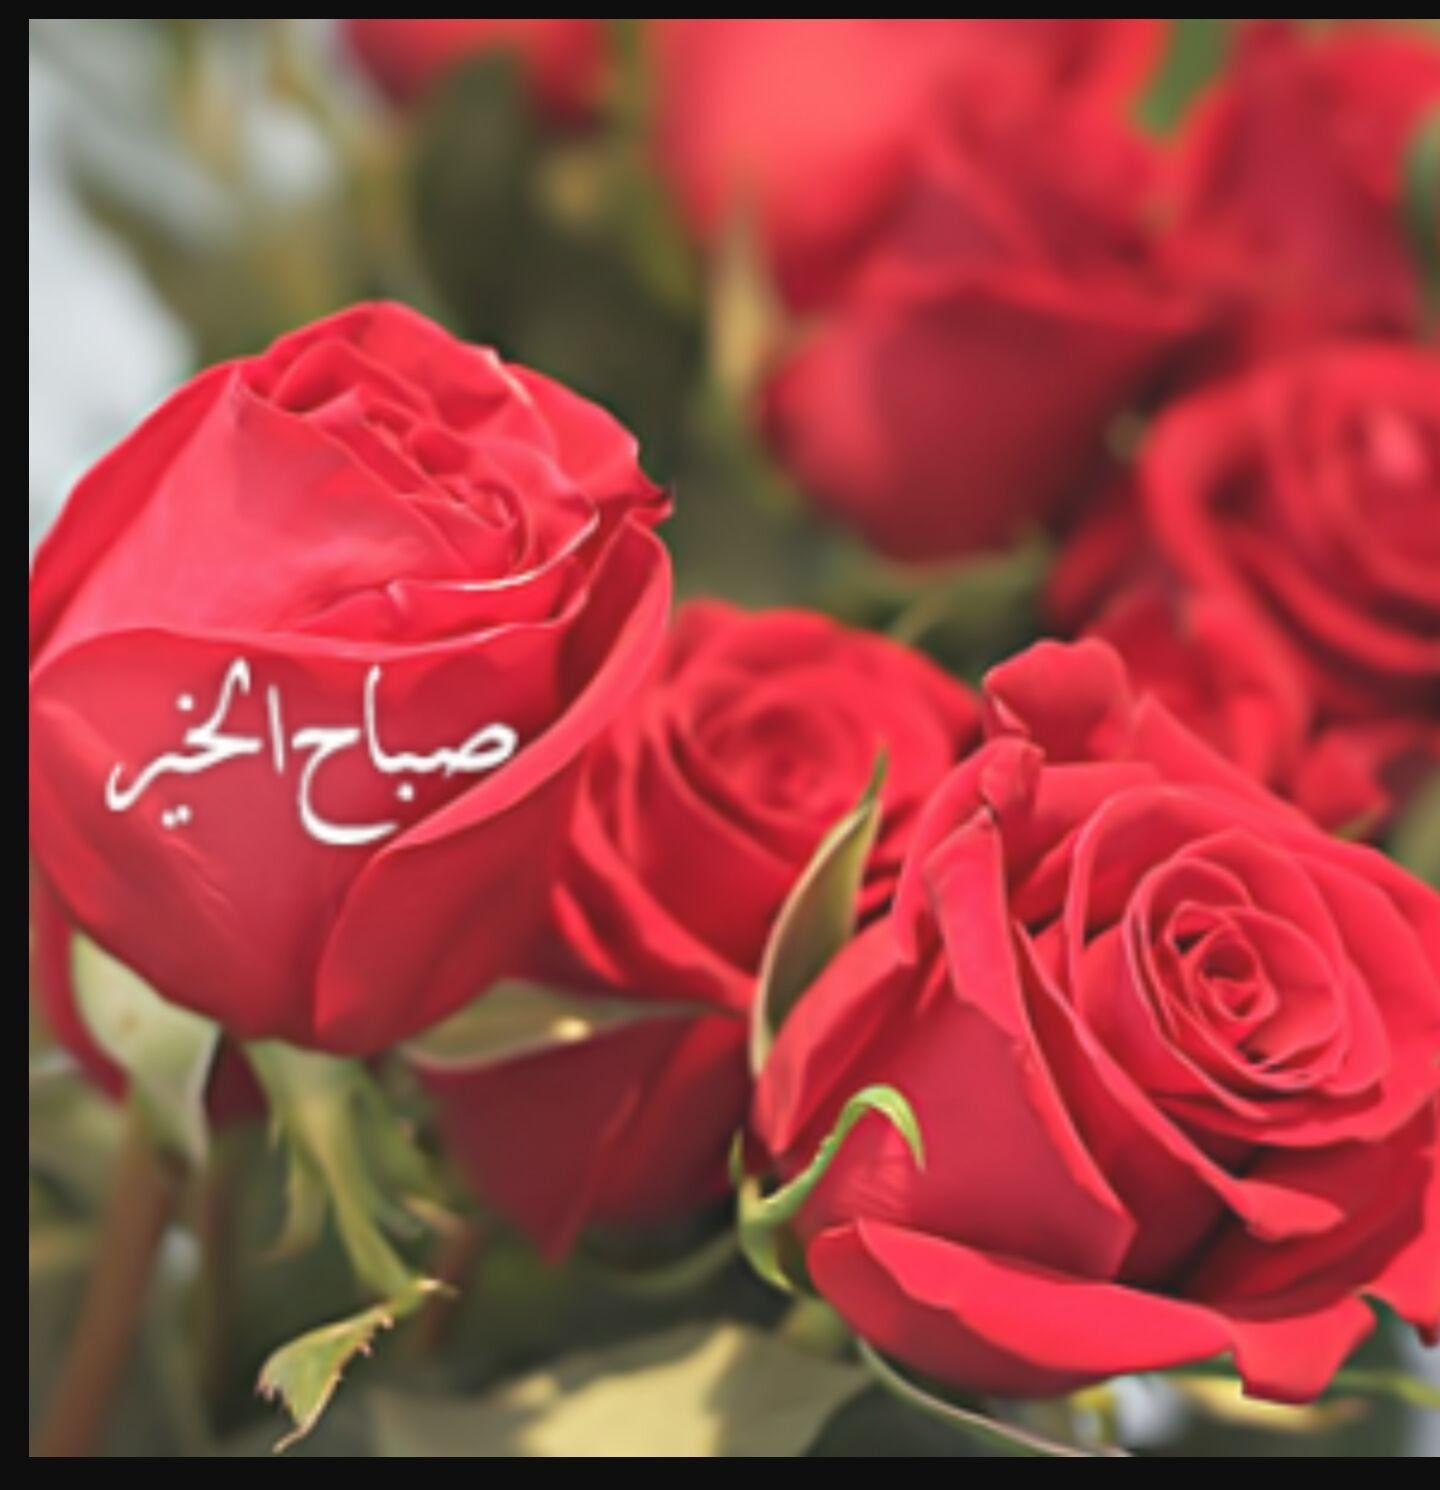 بالصور صور صباح الحب , اجمل صور صباح المحبه والتفاوءل 5043 11